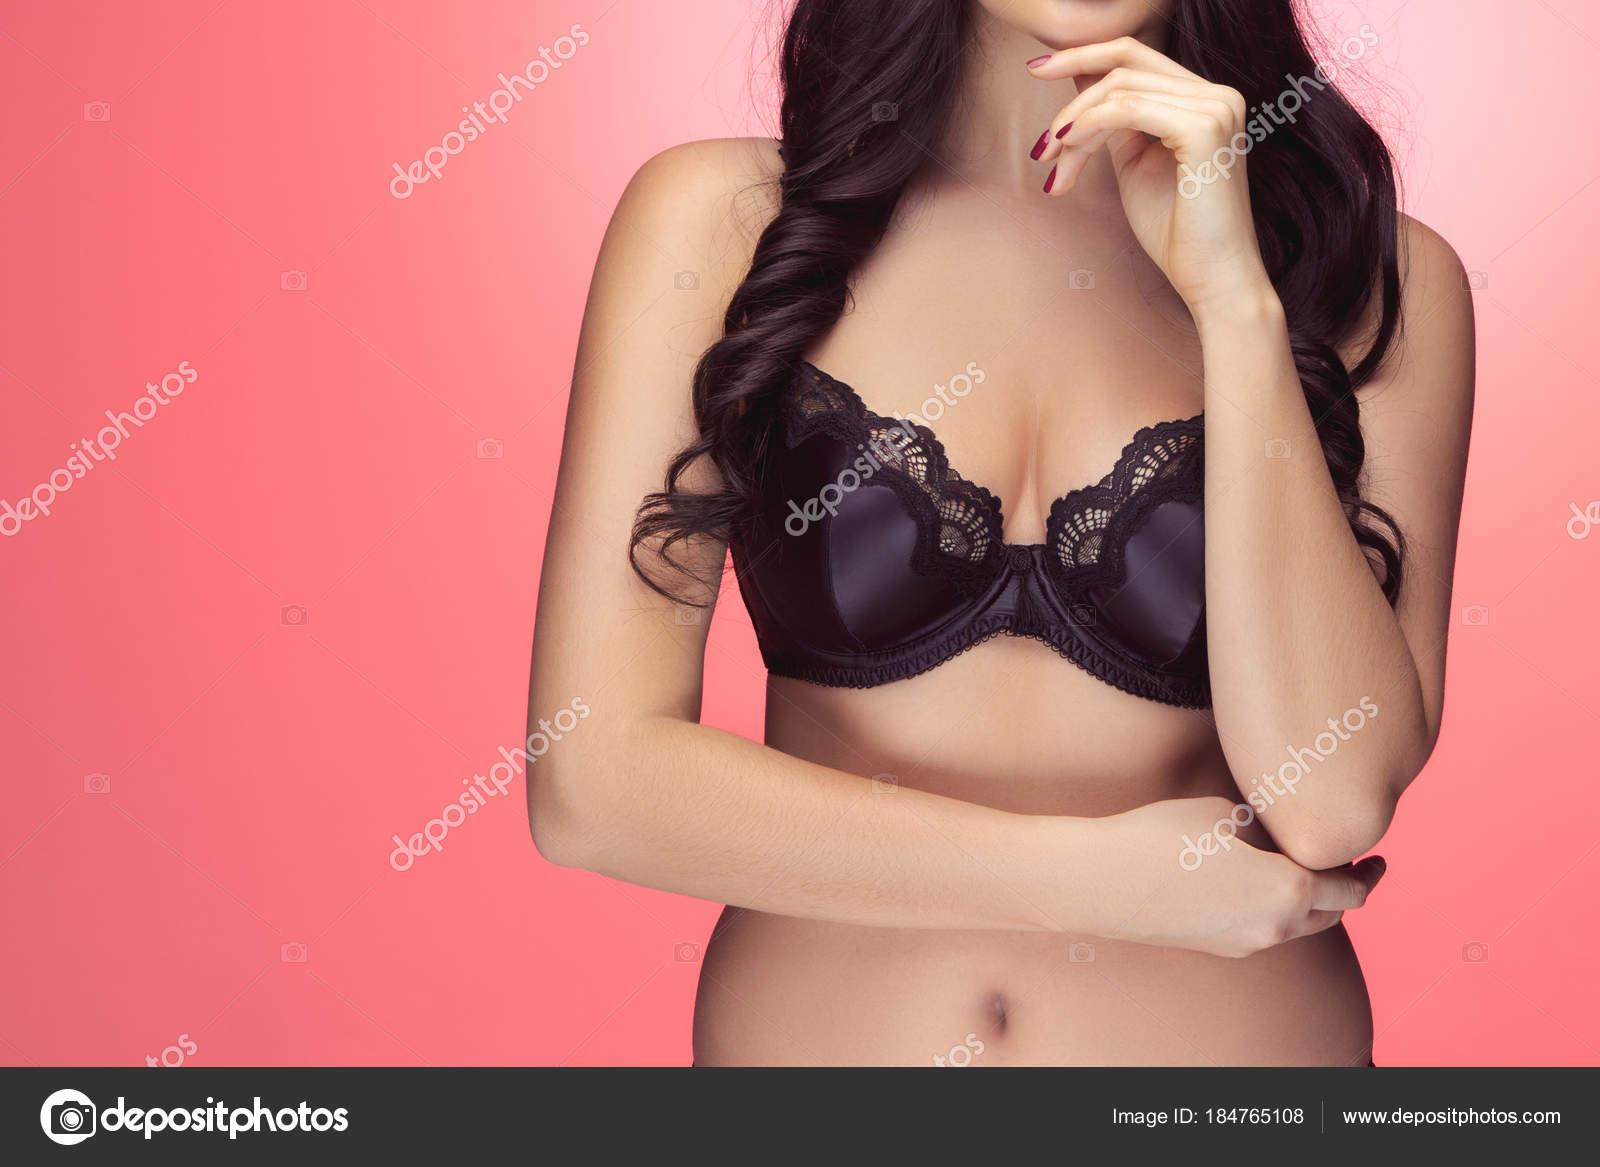 fekete lányok mobil pornó